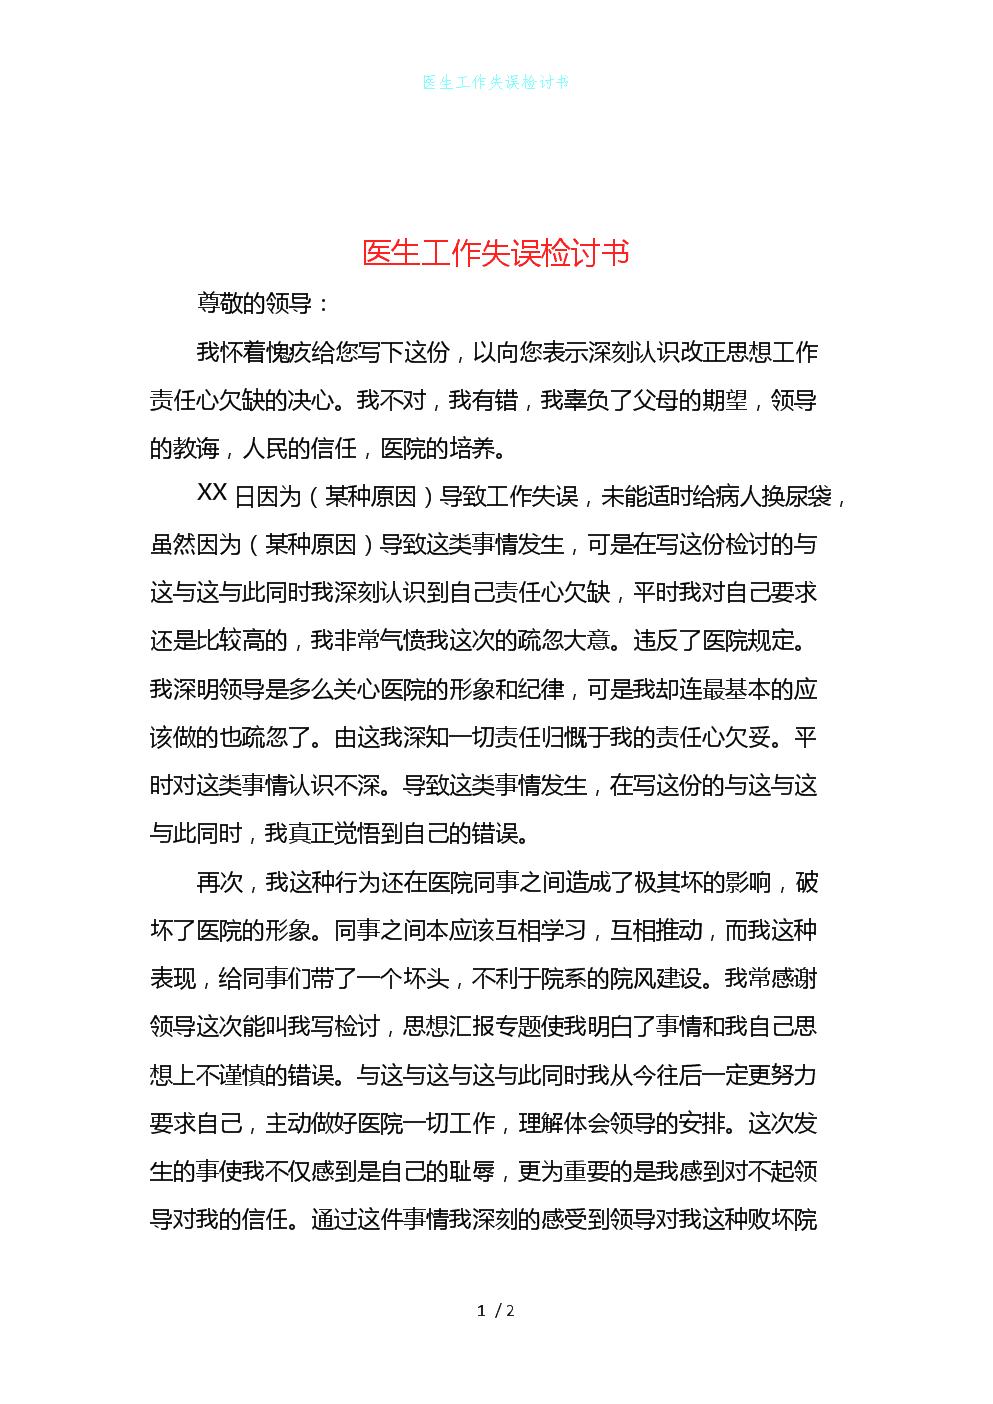 医生工作失误检讨书.docx